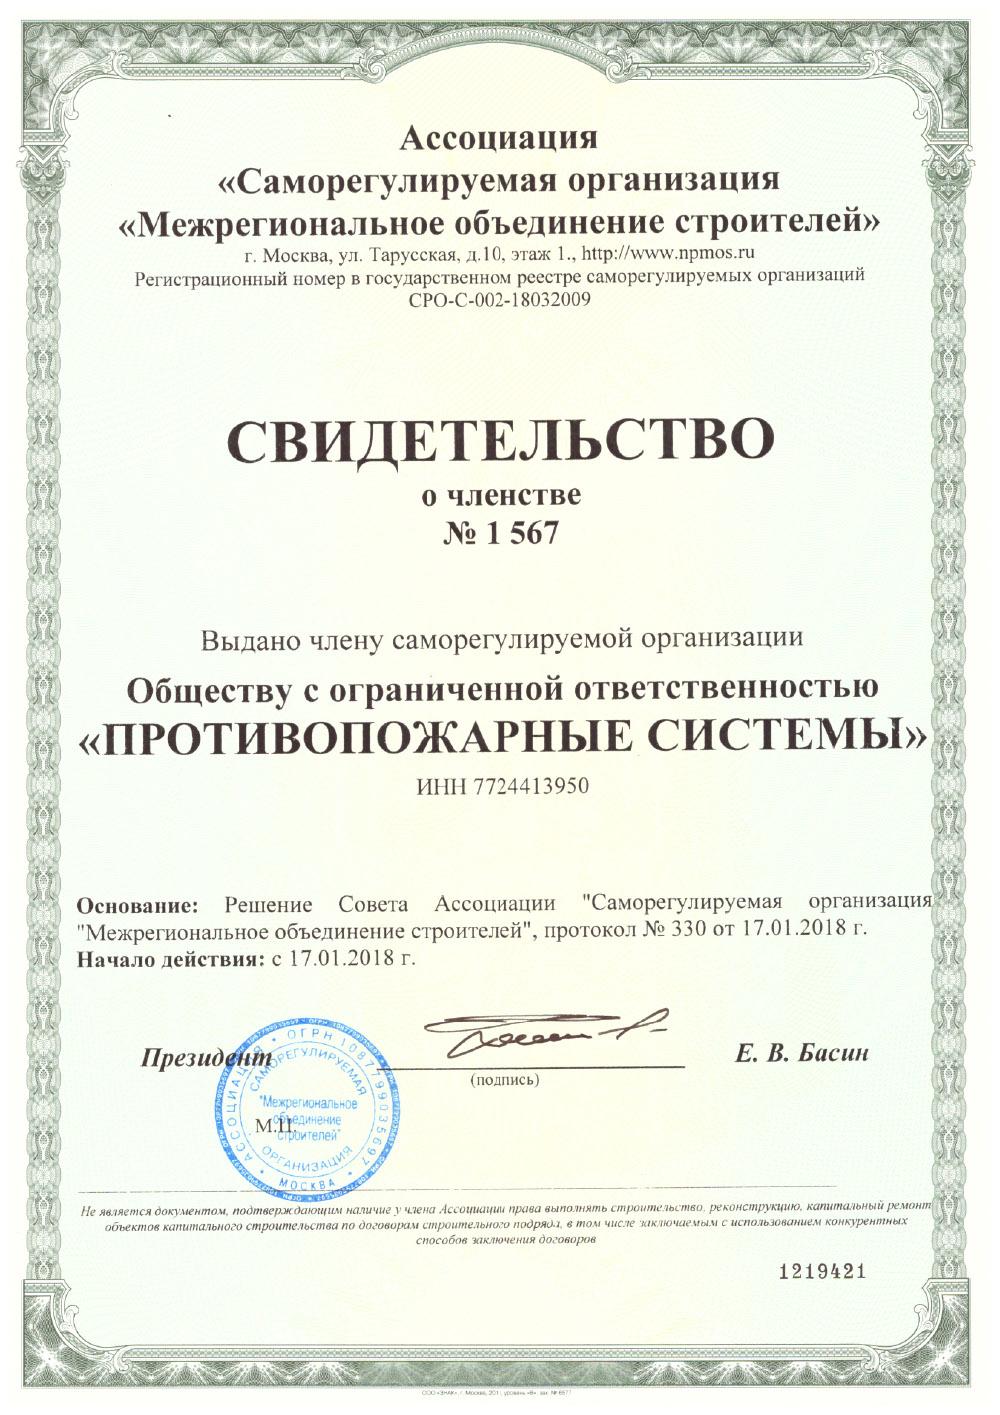 Допуск СРО/Свидетельство о членство в Межрегиональном объединении строителей FireTechnics, стр. 1